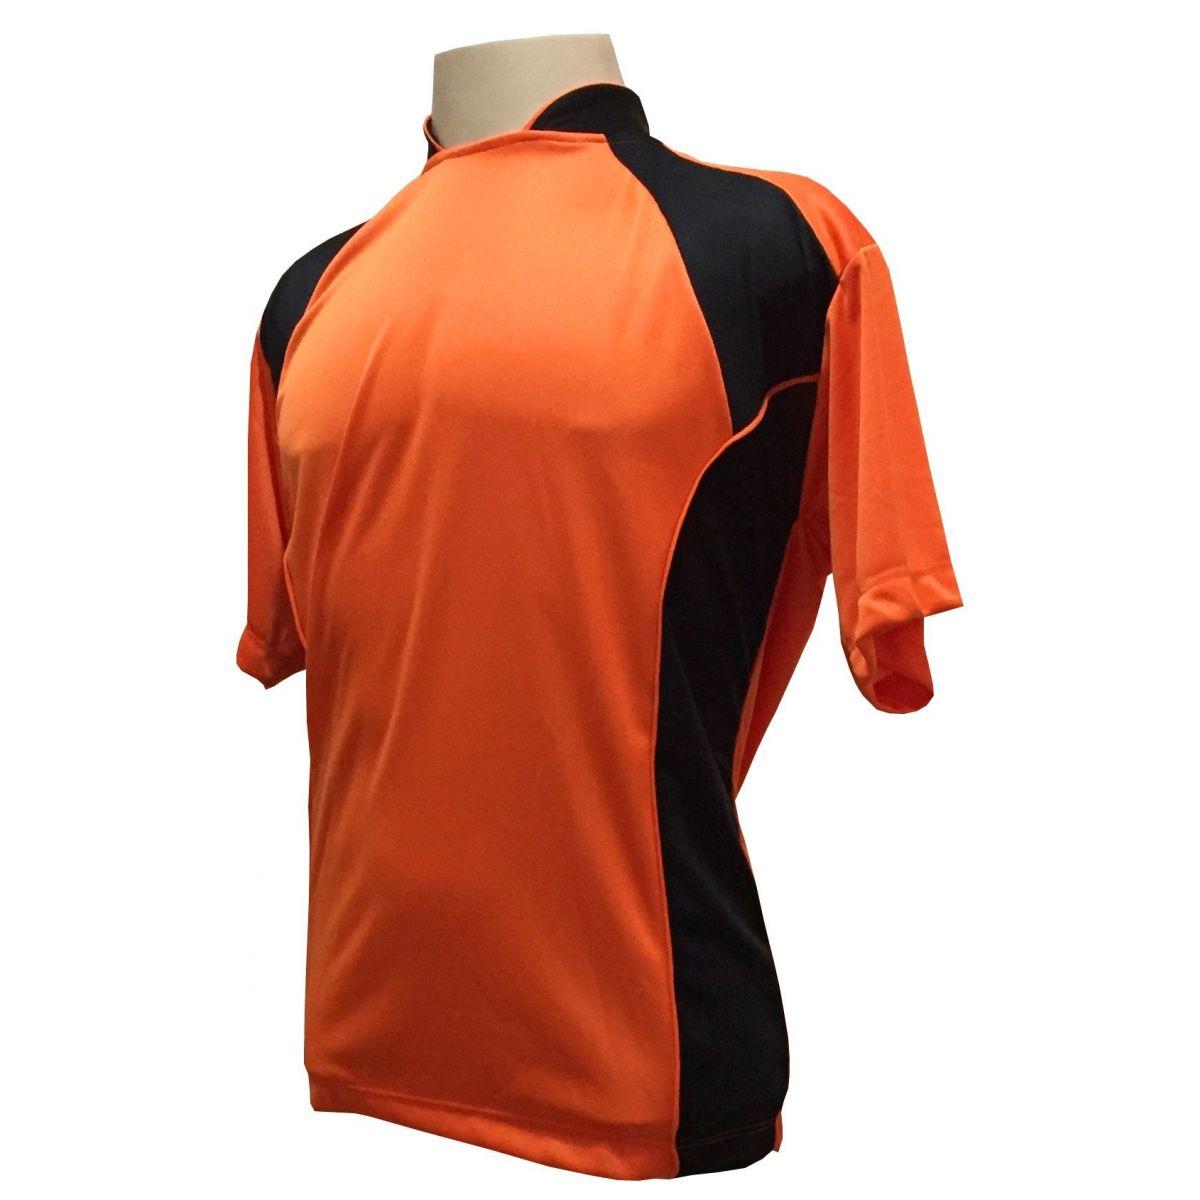 Uniforme Esportivo Completo modelo Suécia 14+1 (14 camisas Laranja/Preto + 14 calções Madrid Preto + 14 pares de meiões + 1 conjunto de goleiro) + Brindes